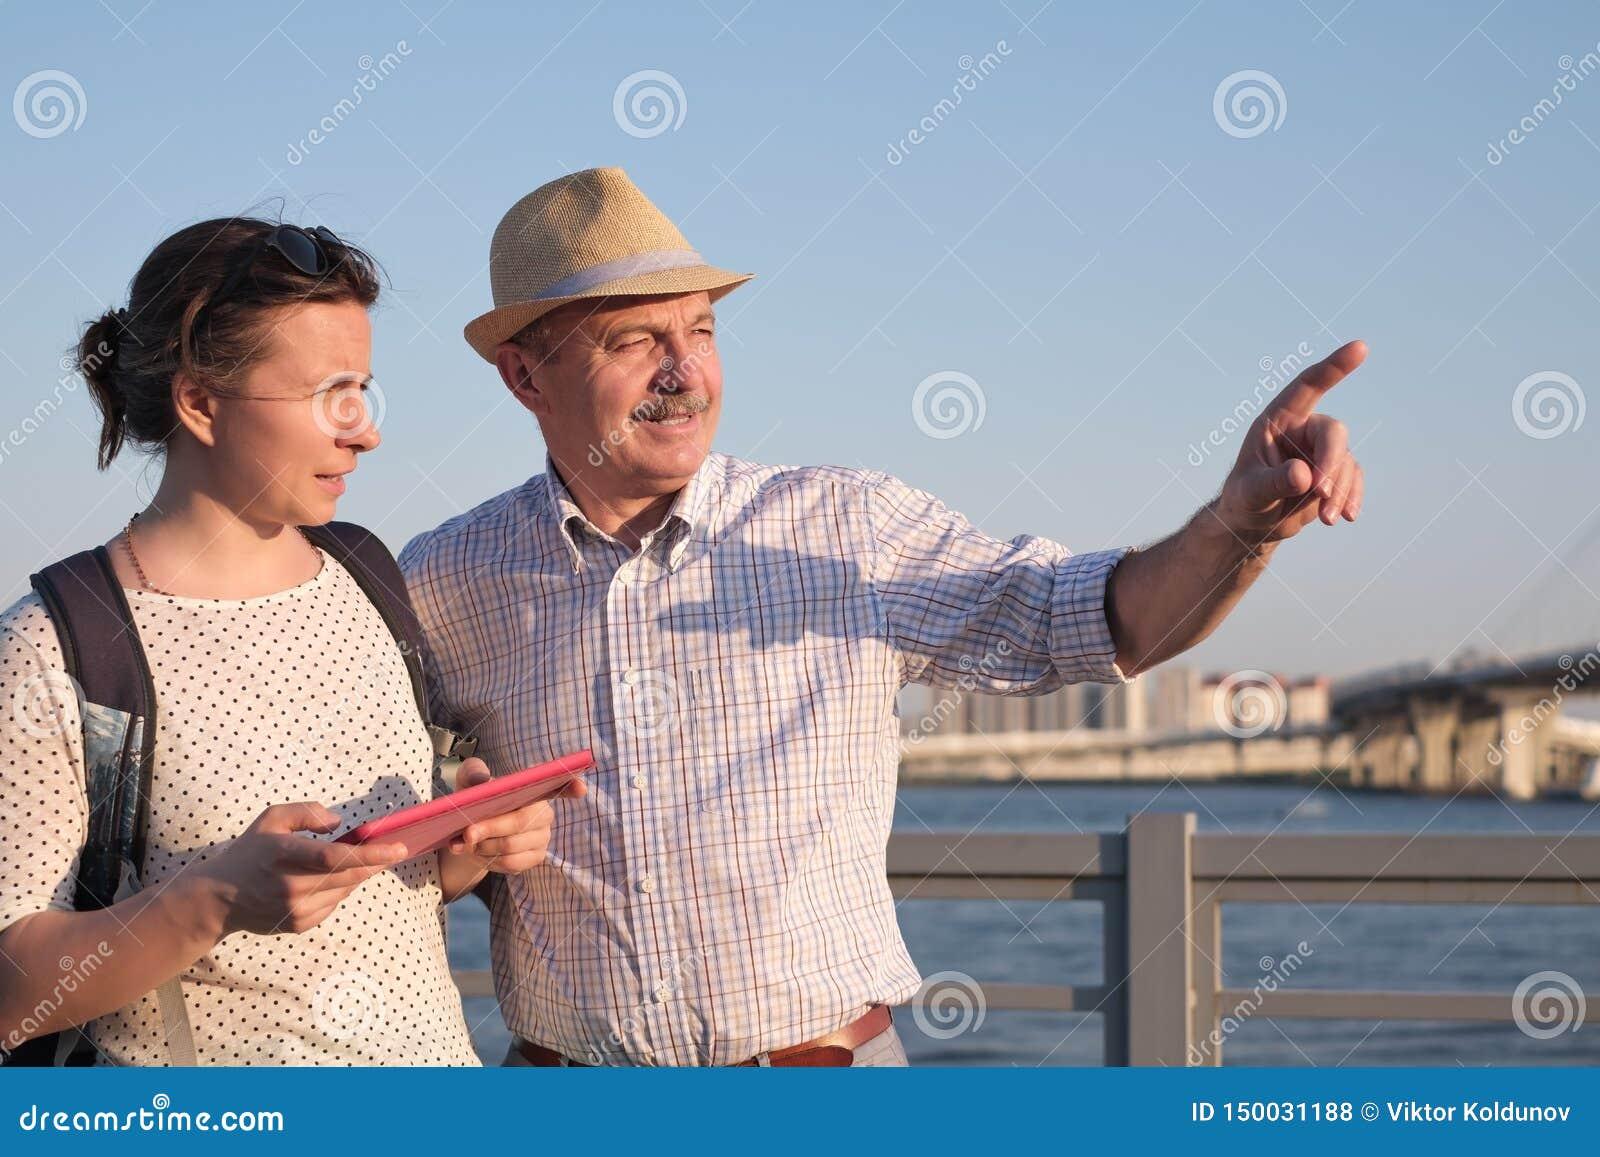 Старший человек в шляпе лета показывает путь на карте к молодой женщине